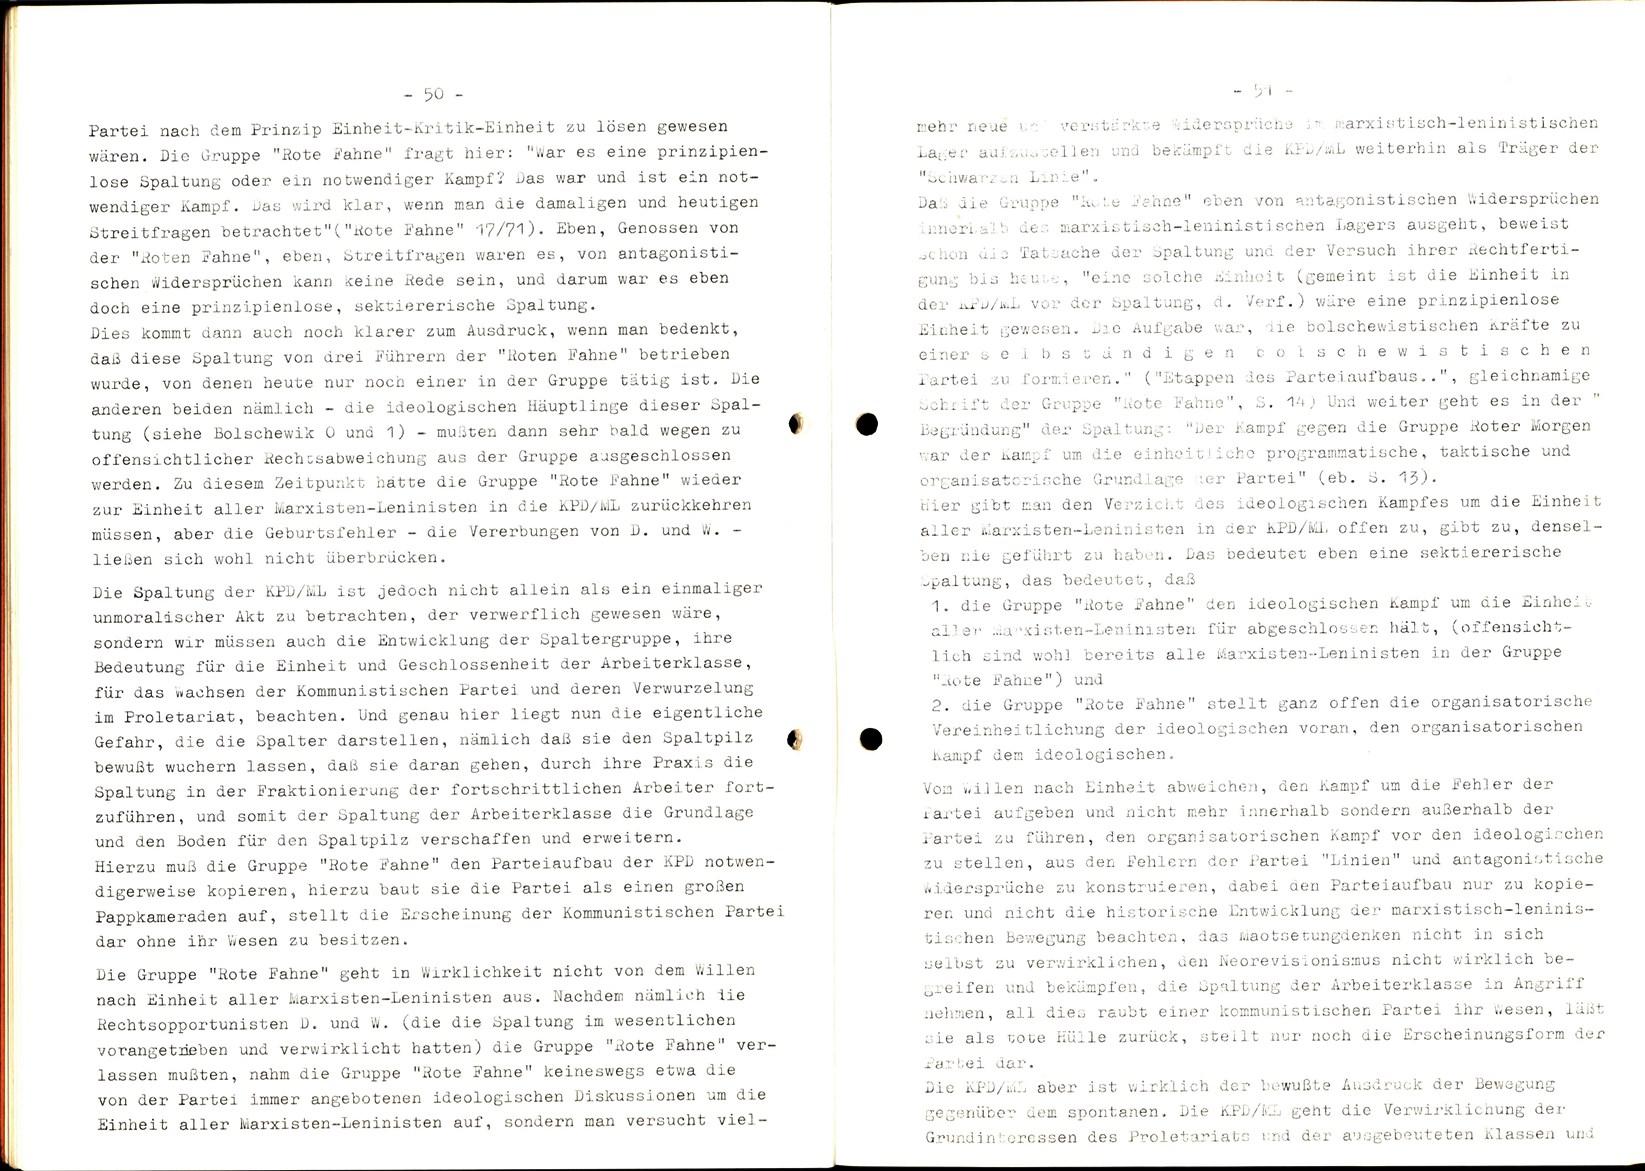 Aachen_KSBML_1971_Selbstkritik_28